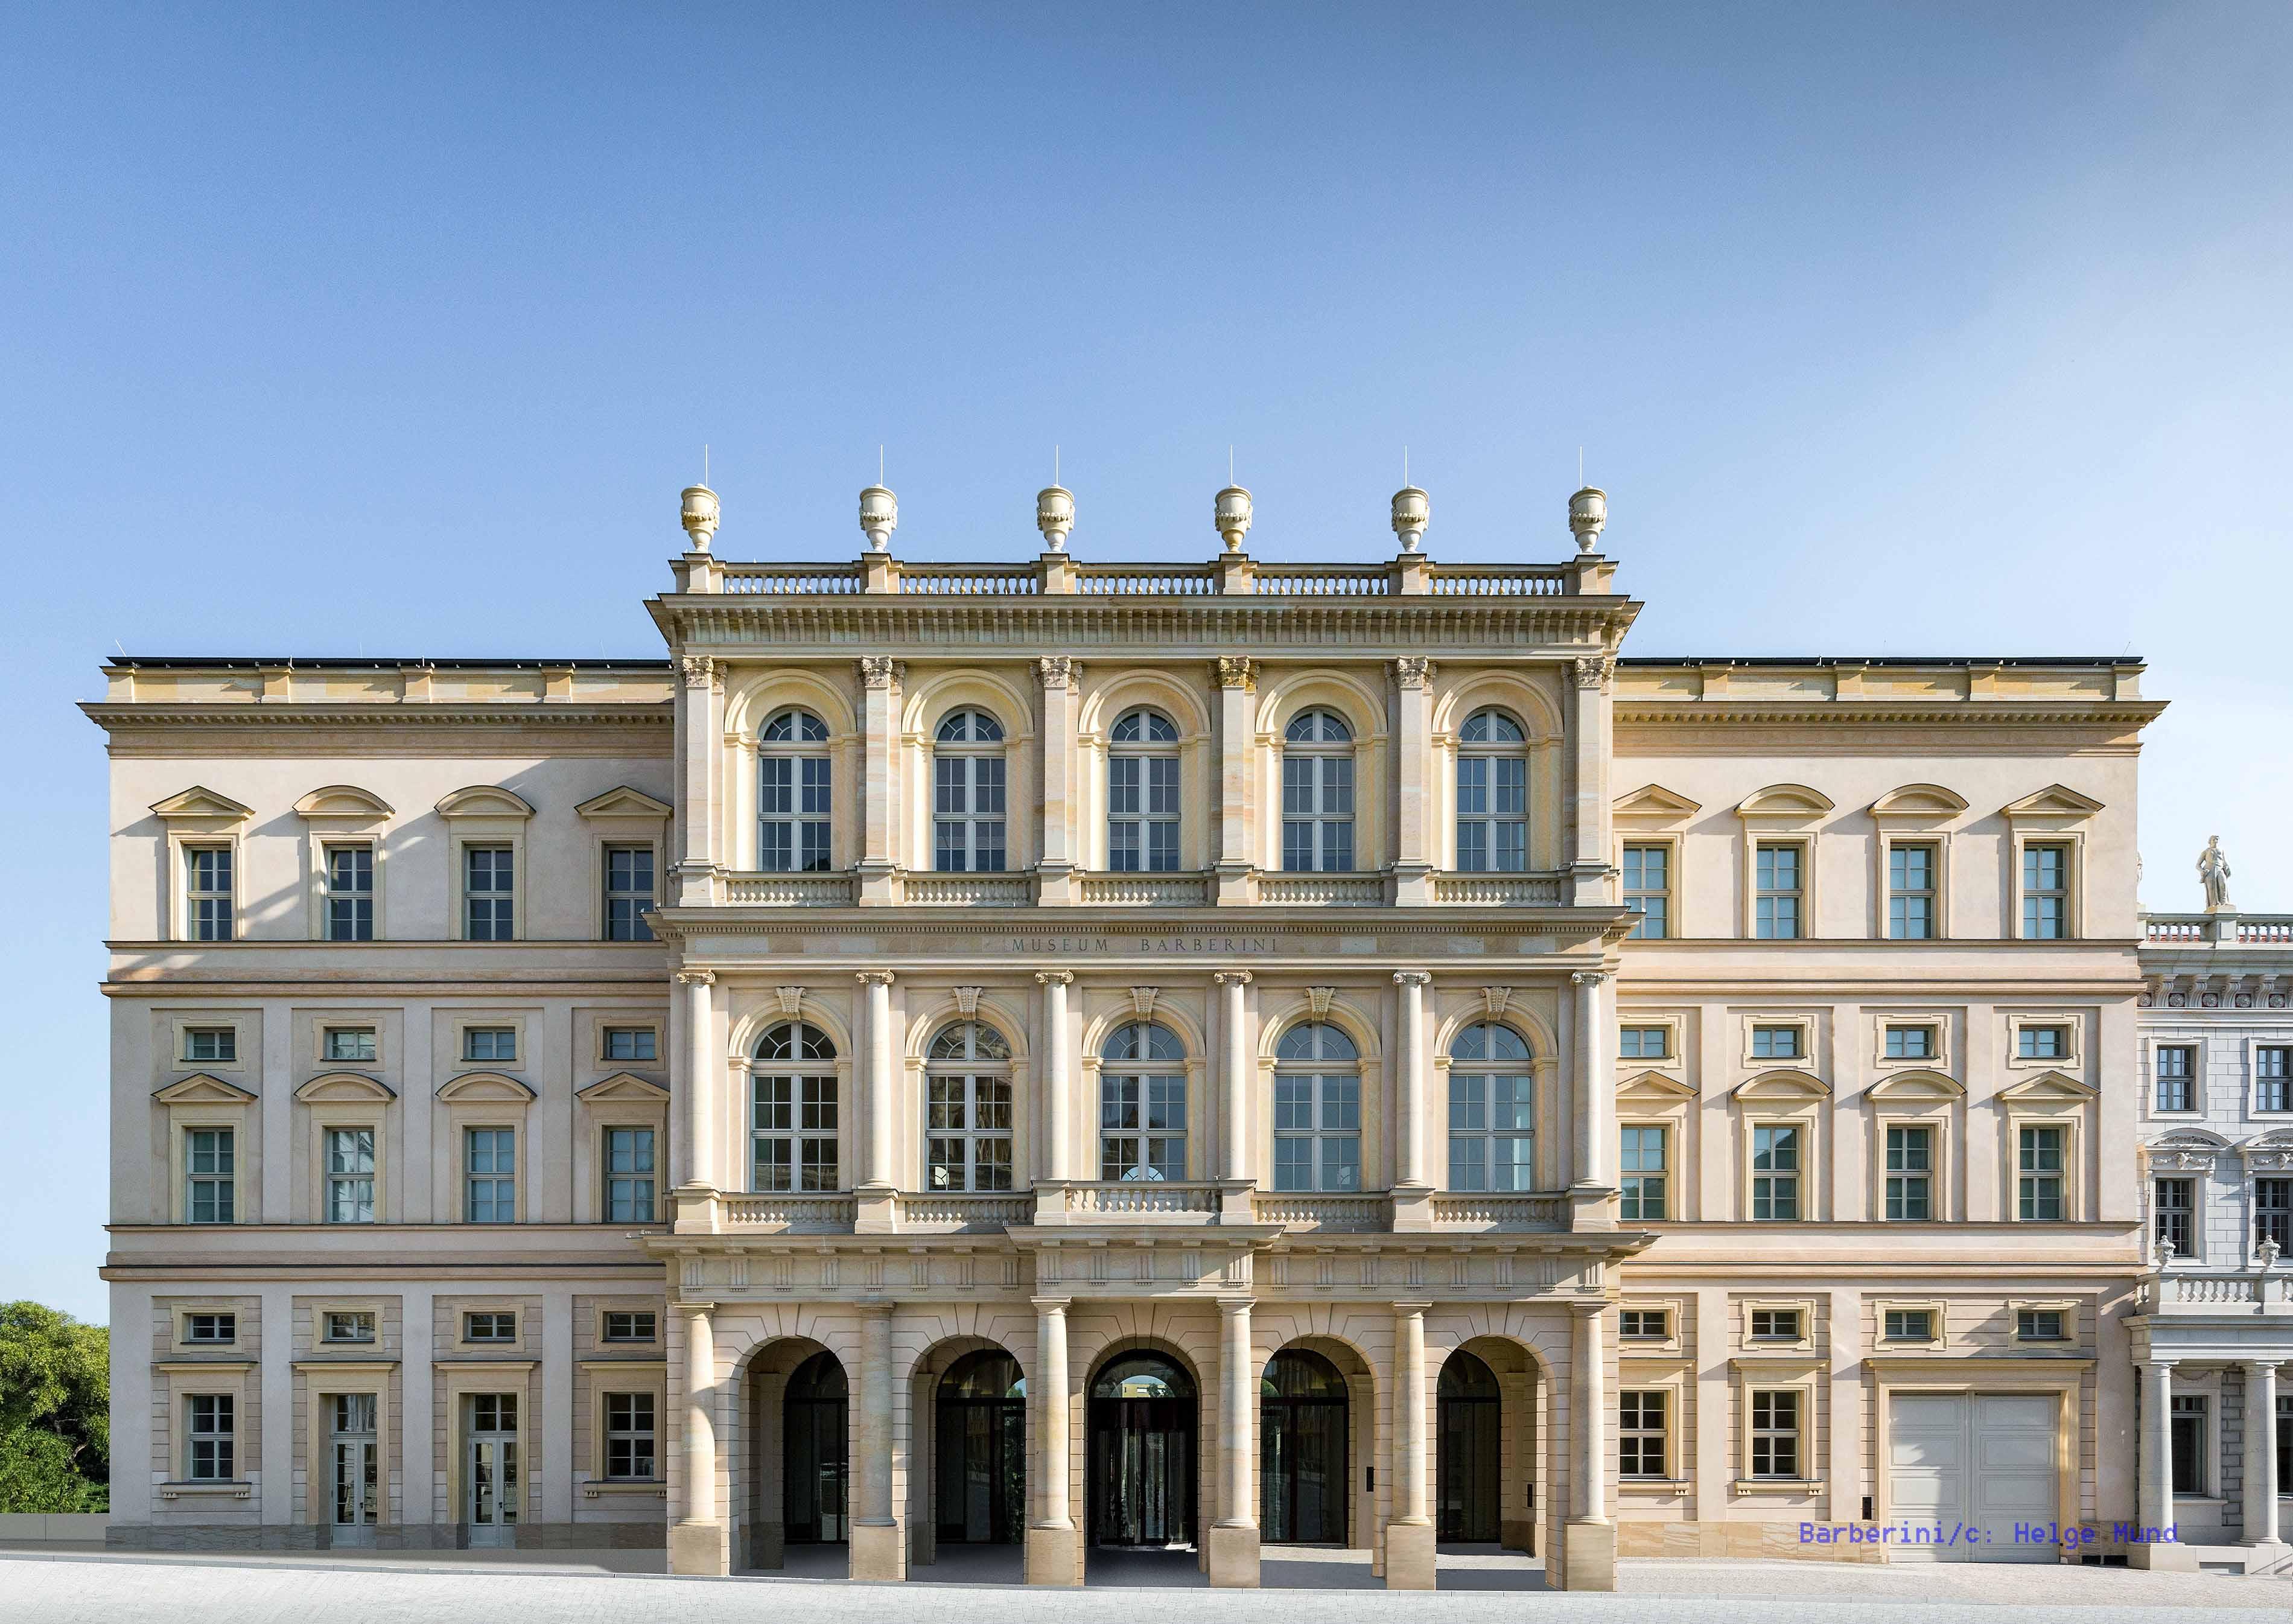 Museum Barberini Frontansicht vom Alten Markt, Photo: Helge Mundt